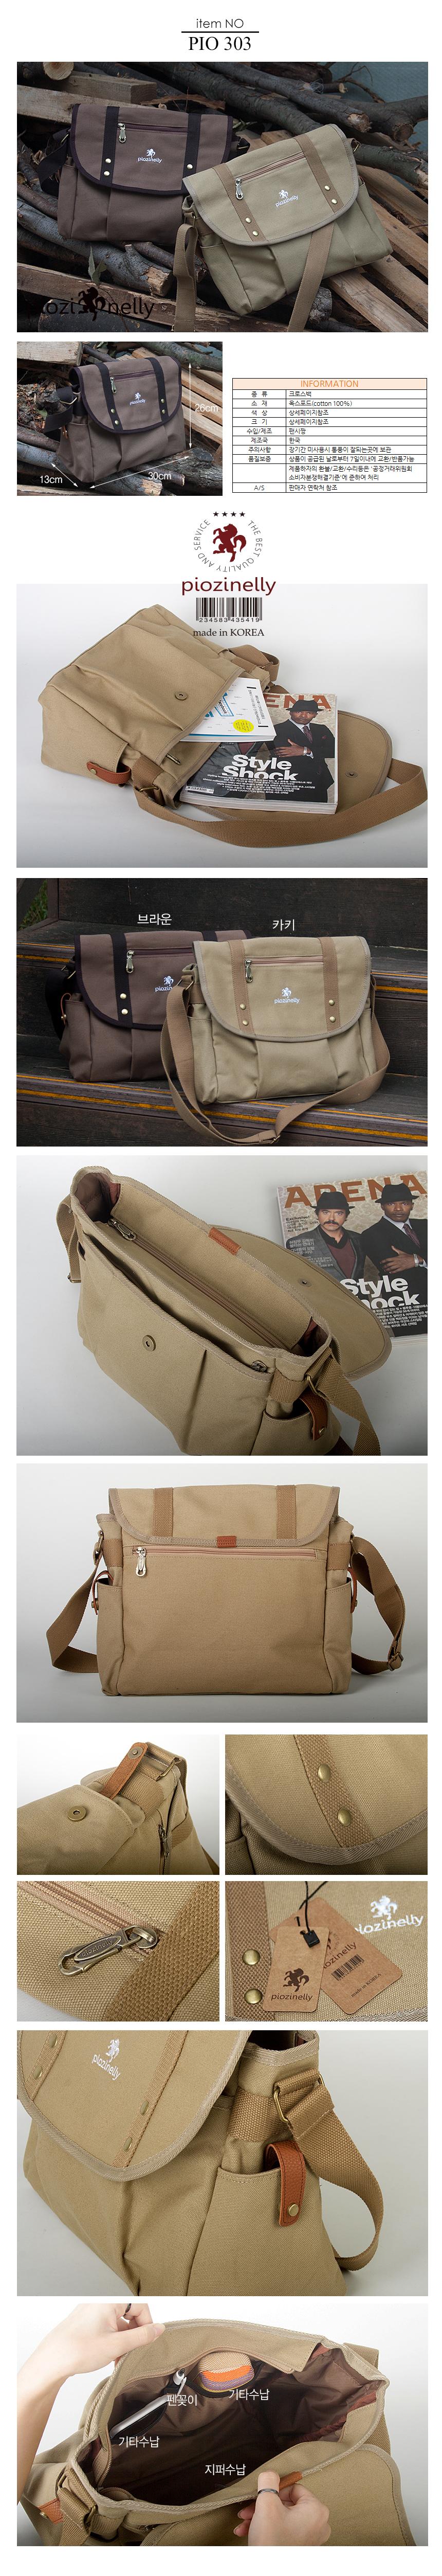 피오지넬리 pio303 캔버스 크로스백 학생가방 캐주얼백 여행가방